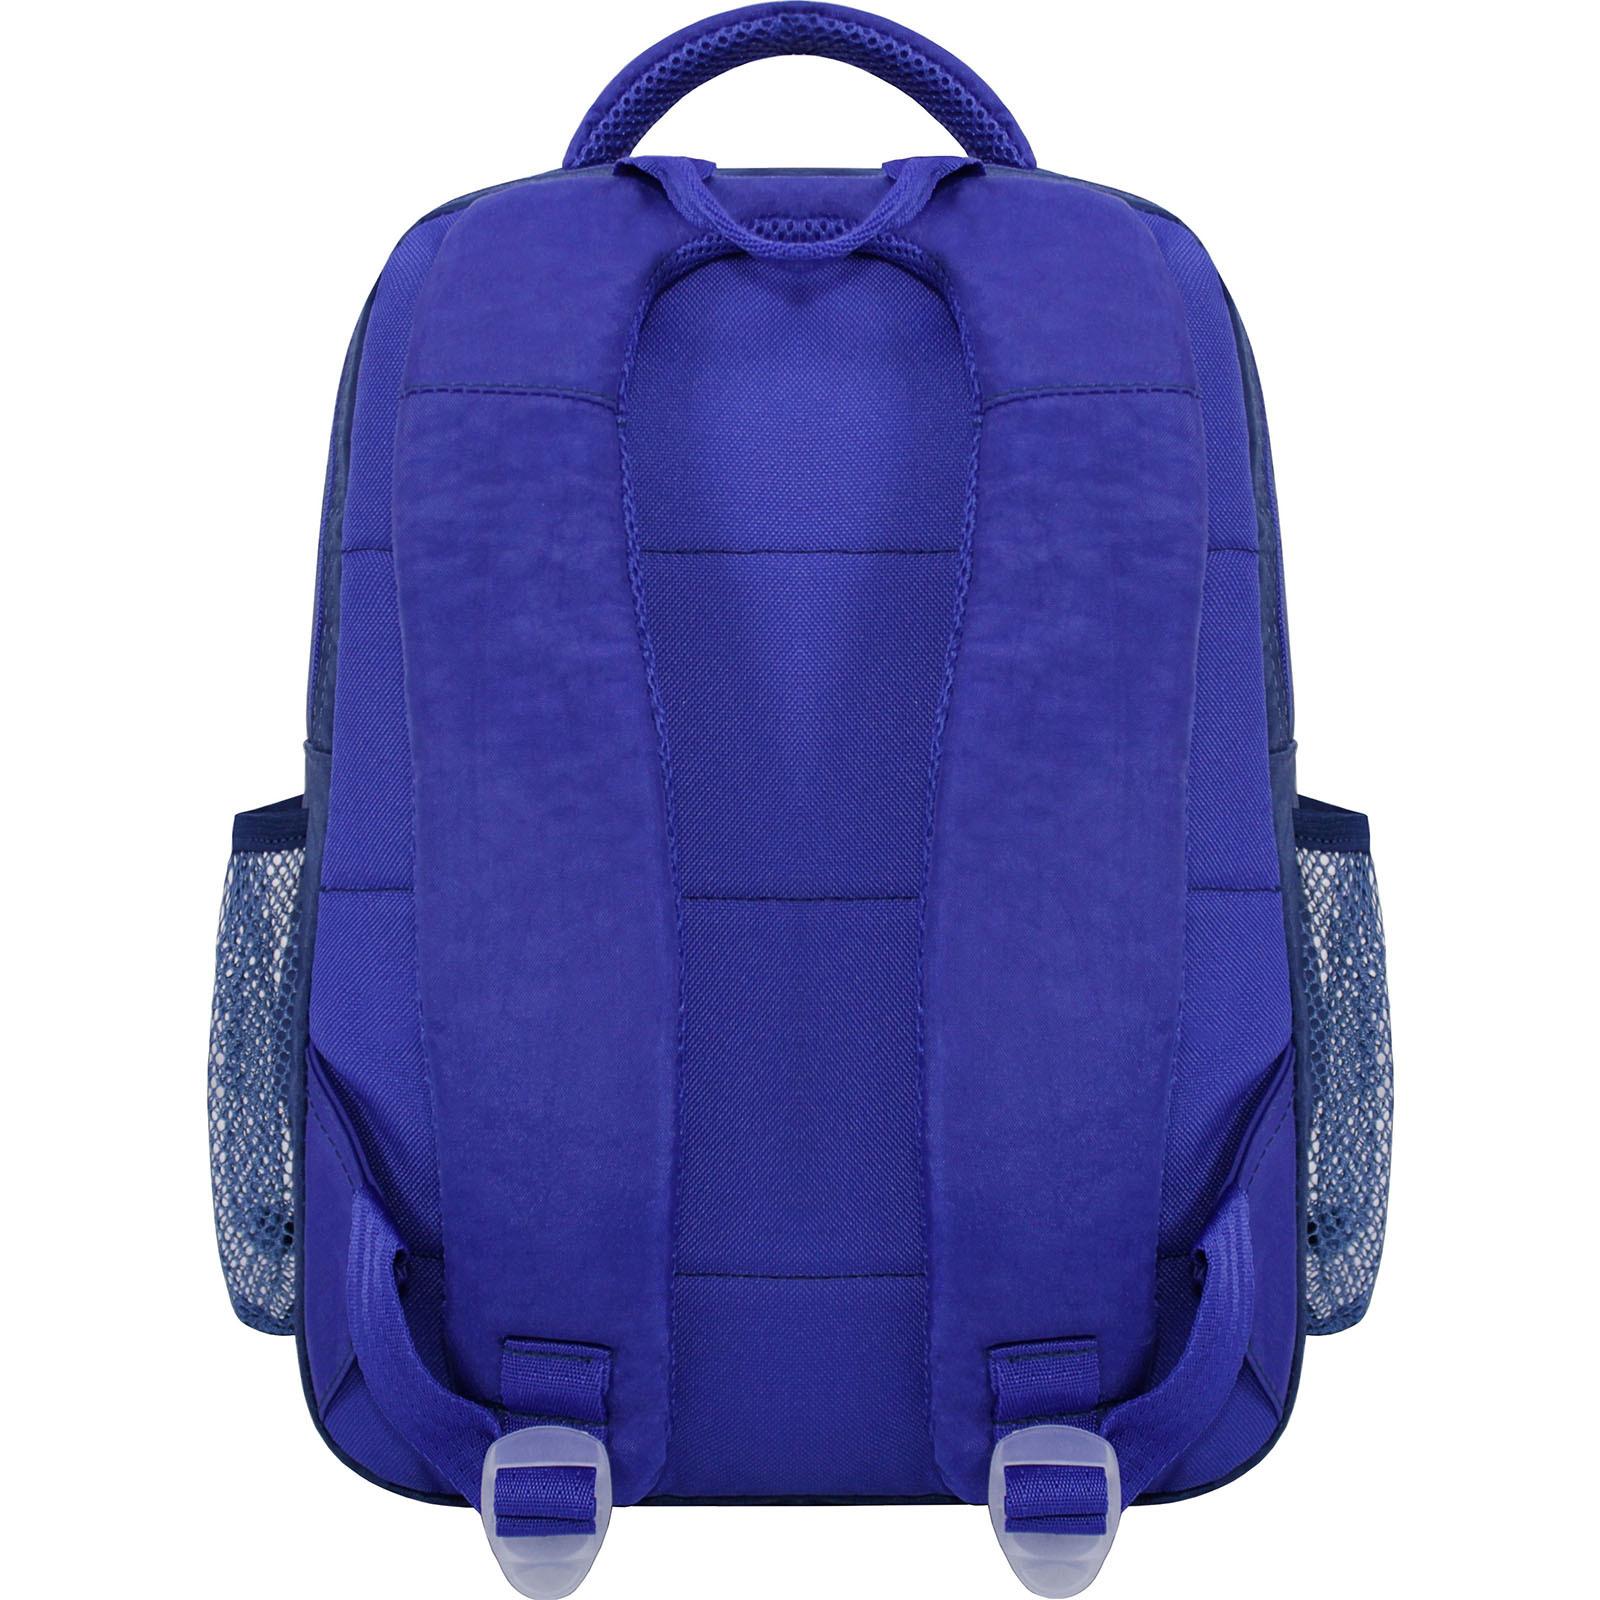 Рюкзак школьный Bagland Школьник 8 л. 225 синий 534 (00112702) фото 3